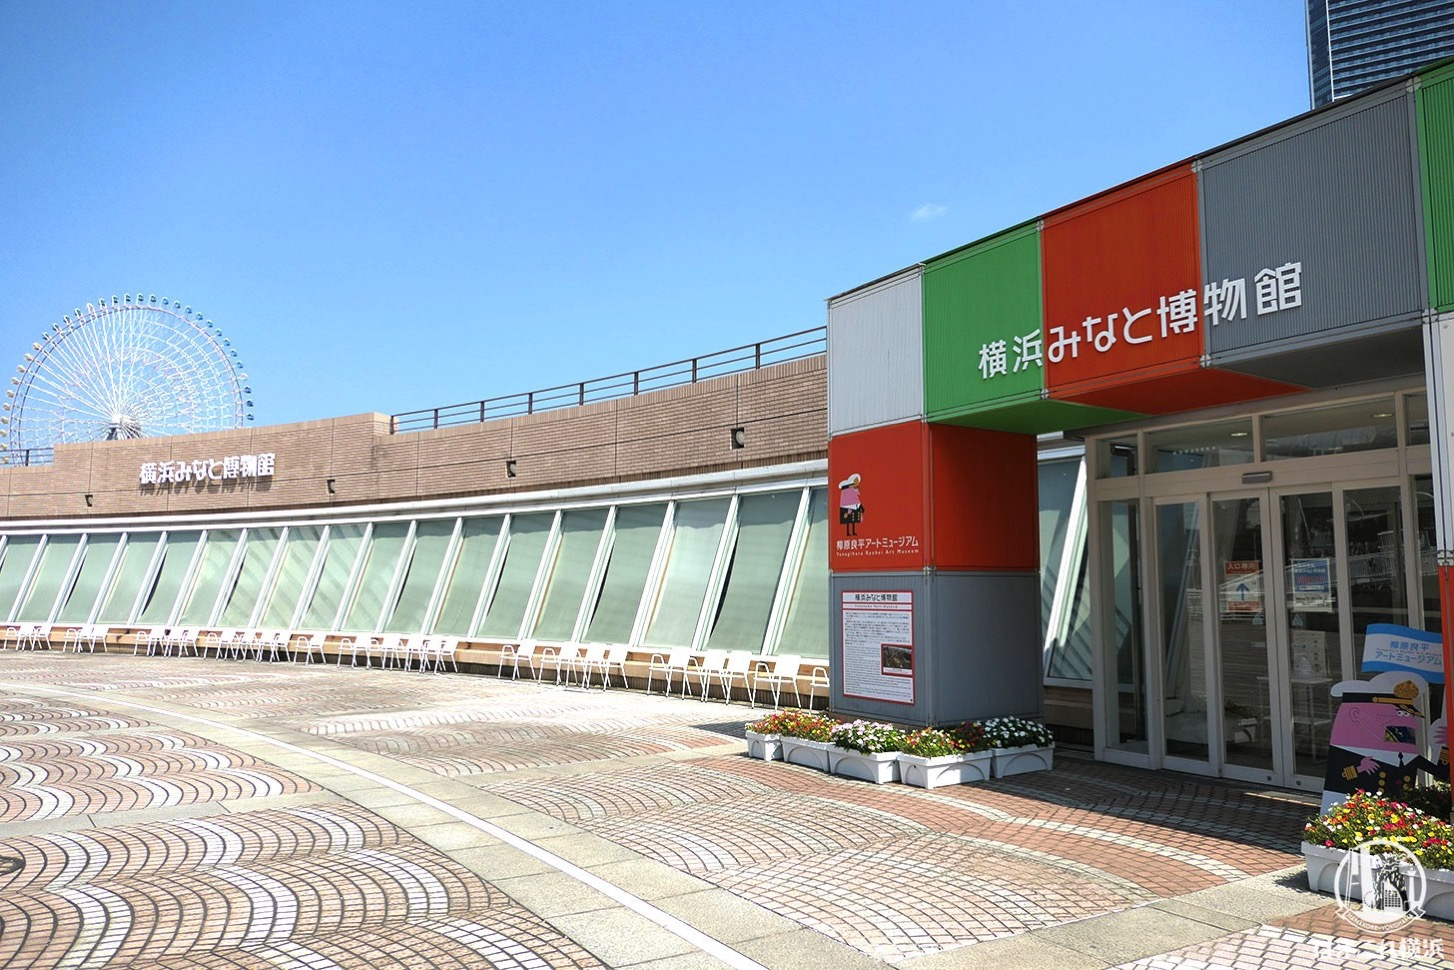 横浜みなと博物館、リニューアル工事に伴い2021年6月7日より休館